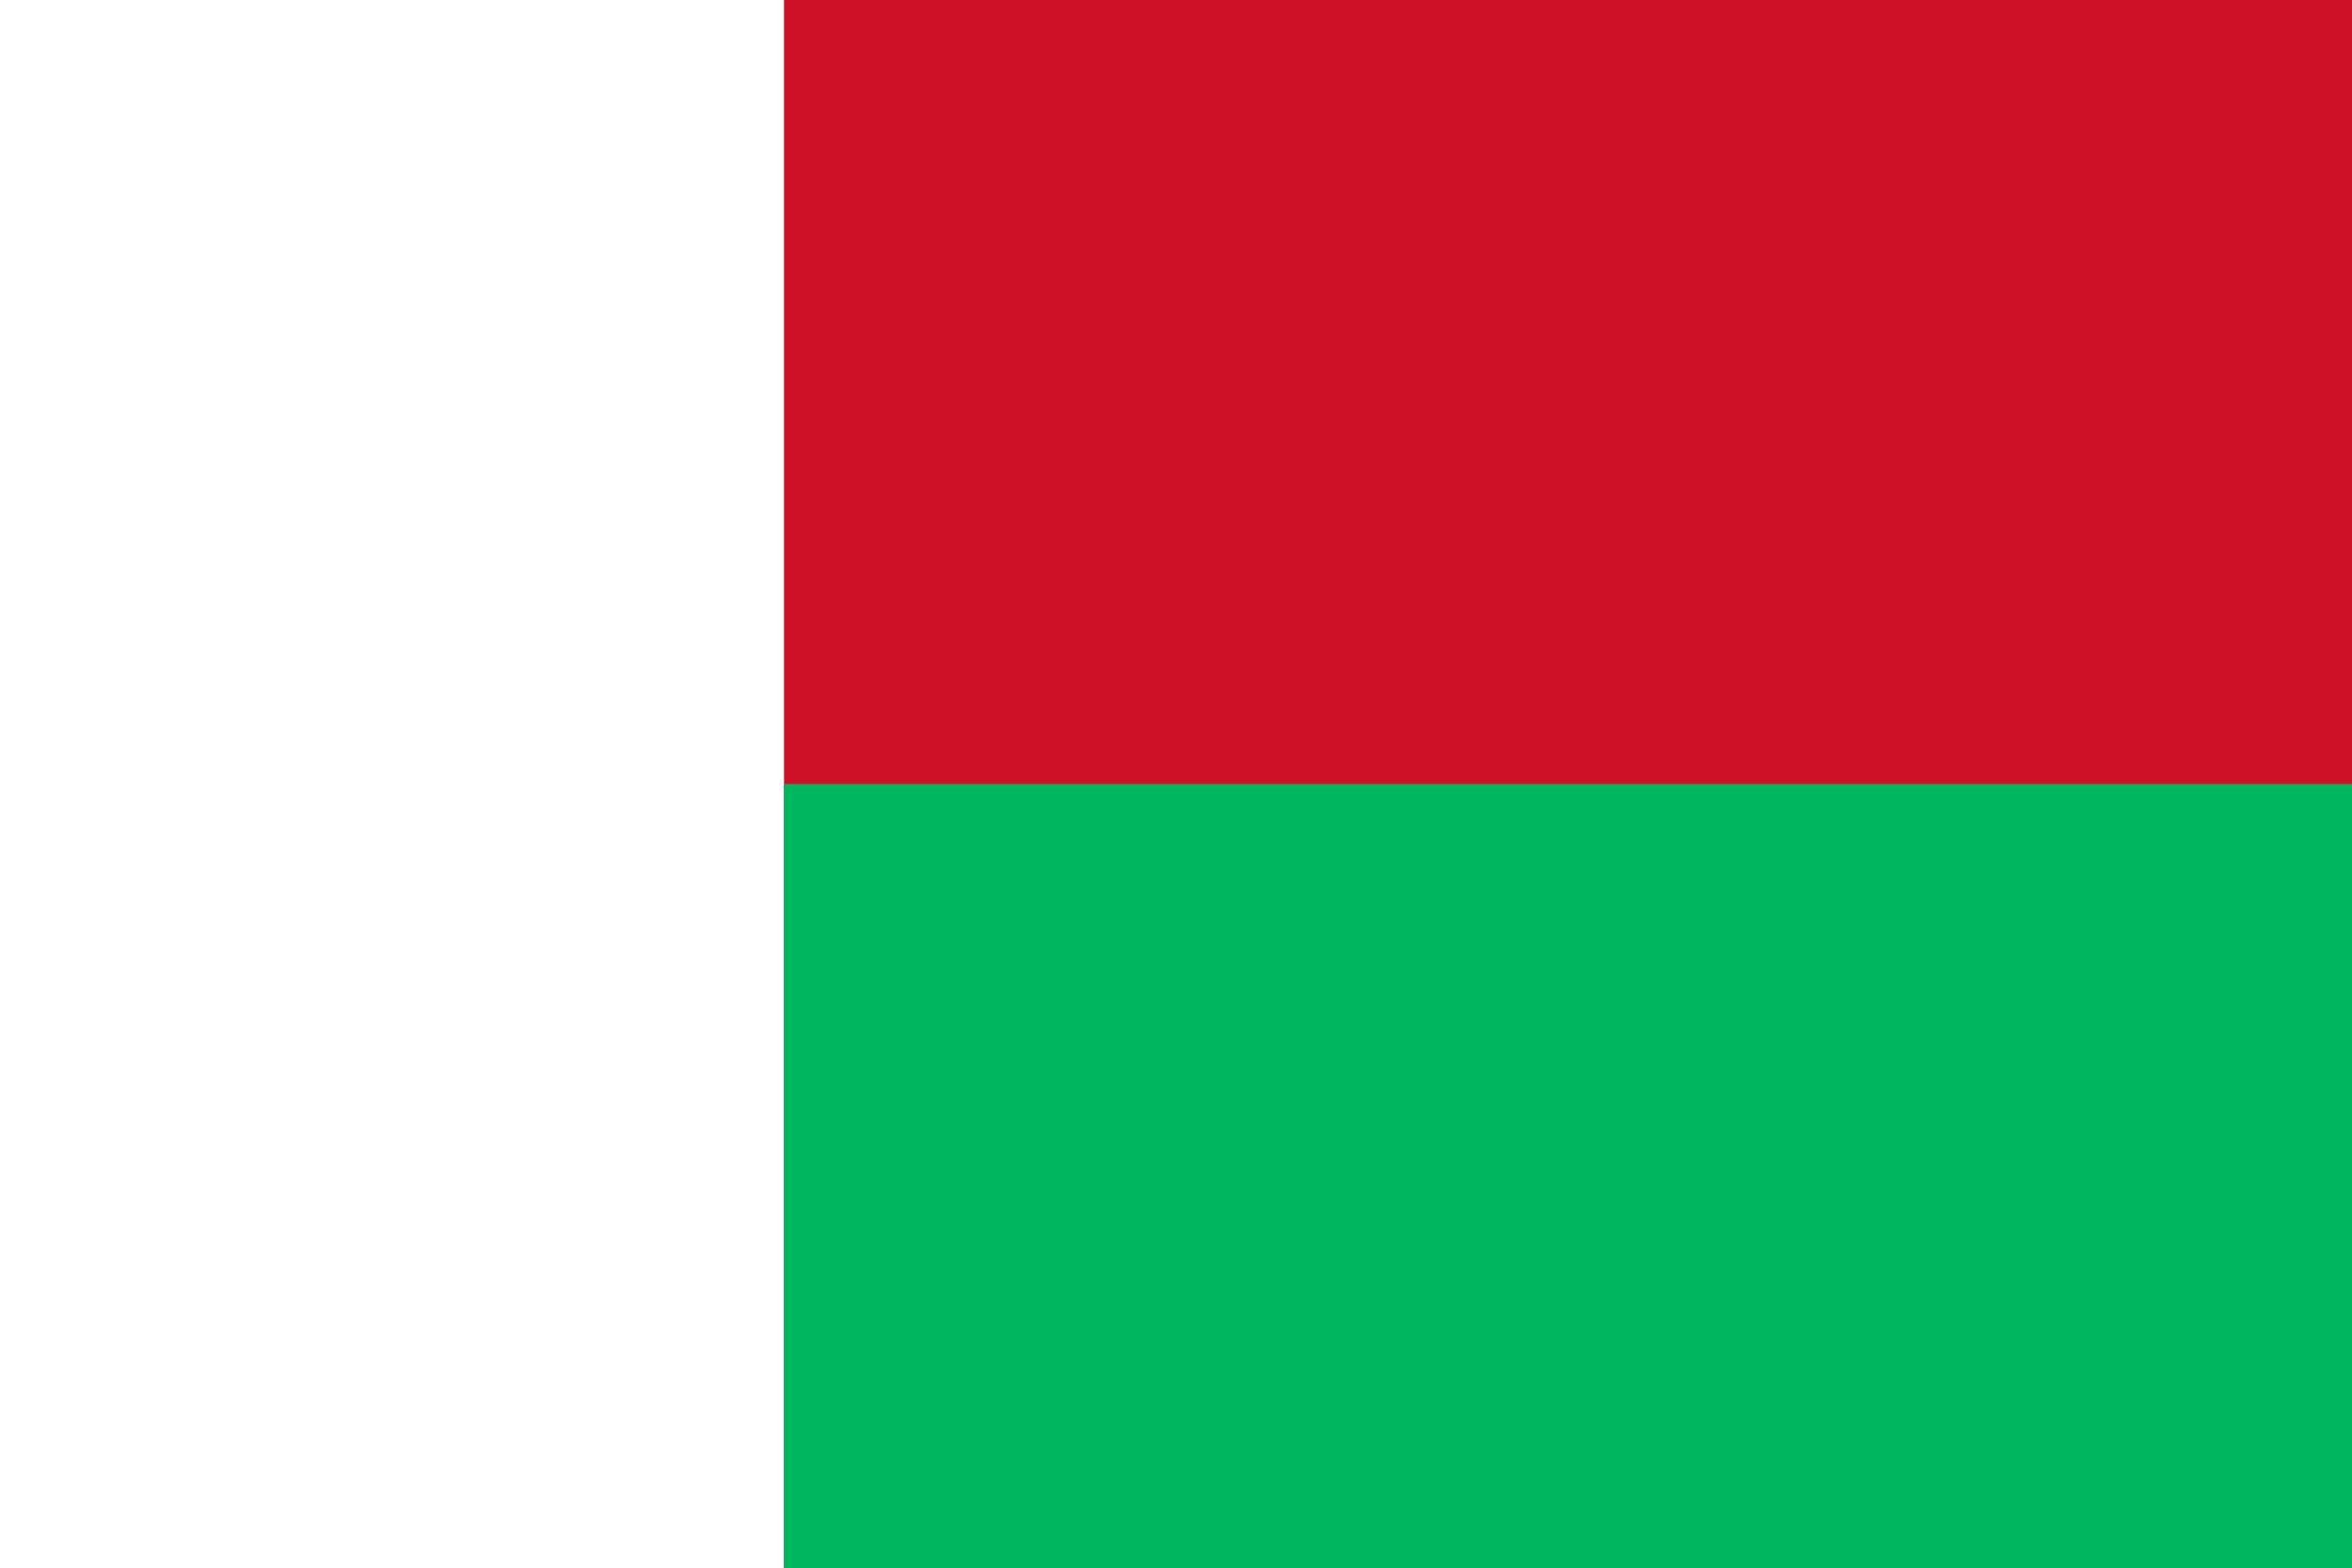 Madagascar, país, Brasão de armas, logotipo, símbolo - Papéis de parede HD - Professor-falken.com